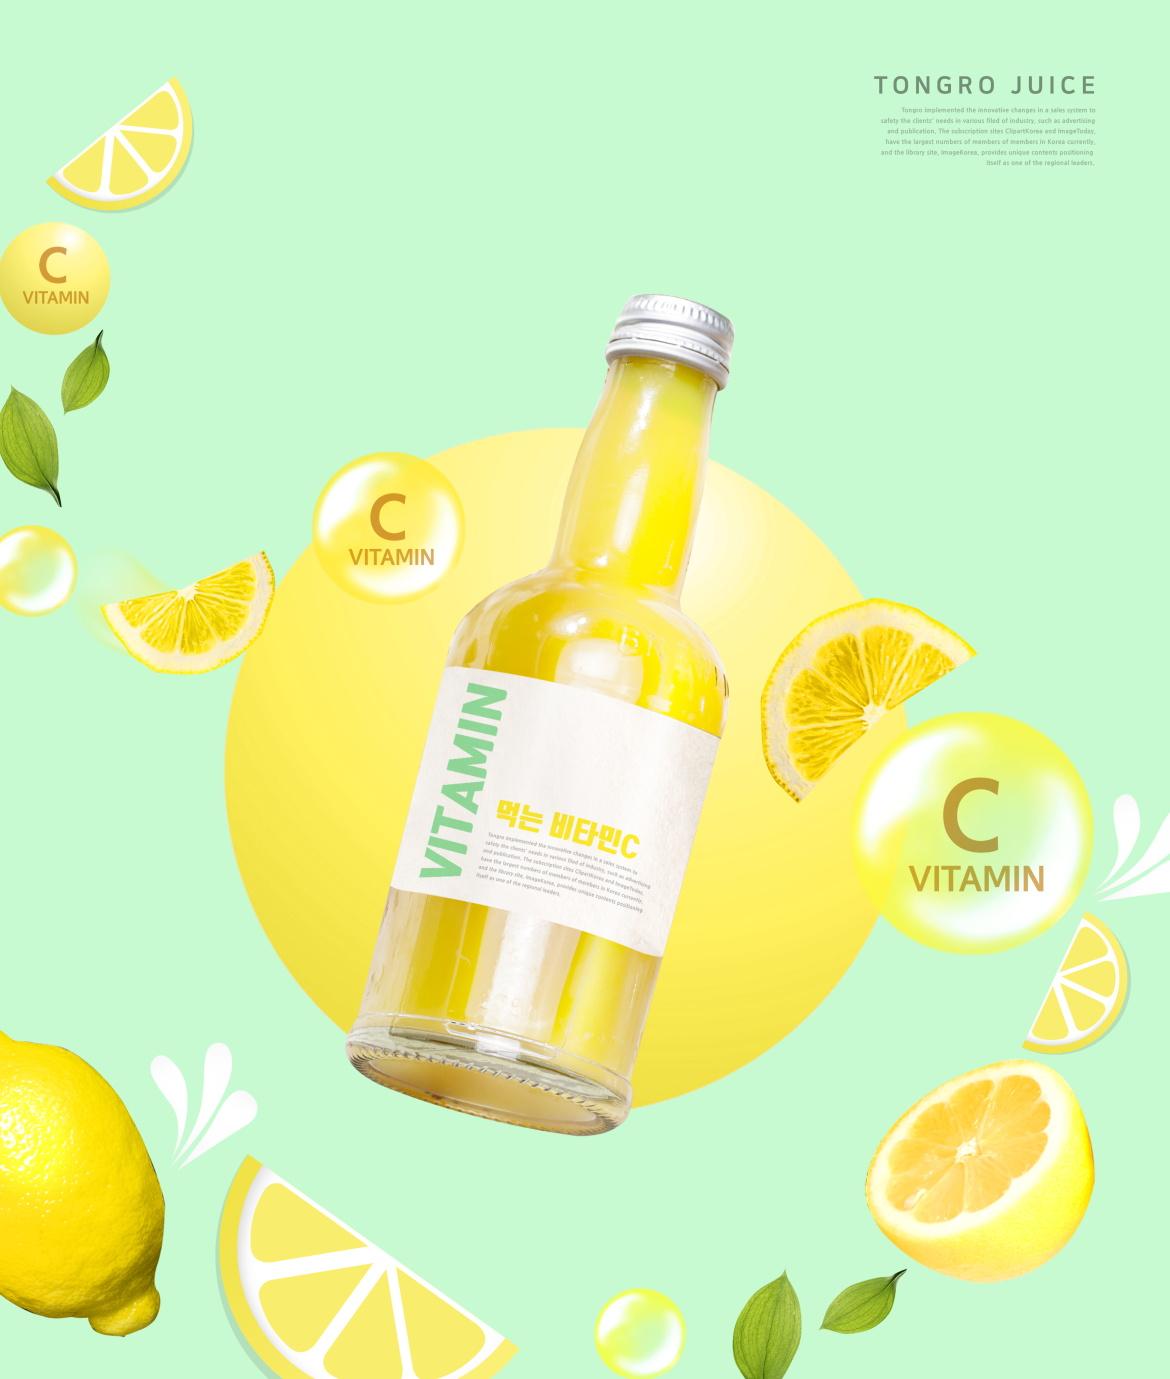 7款果汁饮料奶茶牛奶海报传单设计PSD模板素材 Juice Drink Sale Poster Template插图2